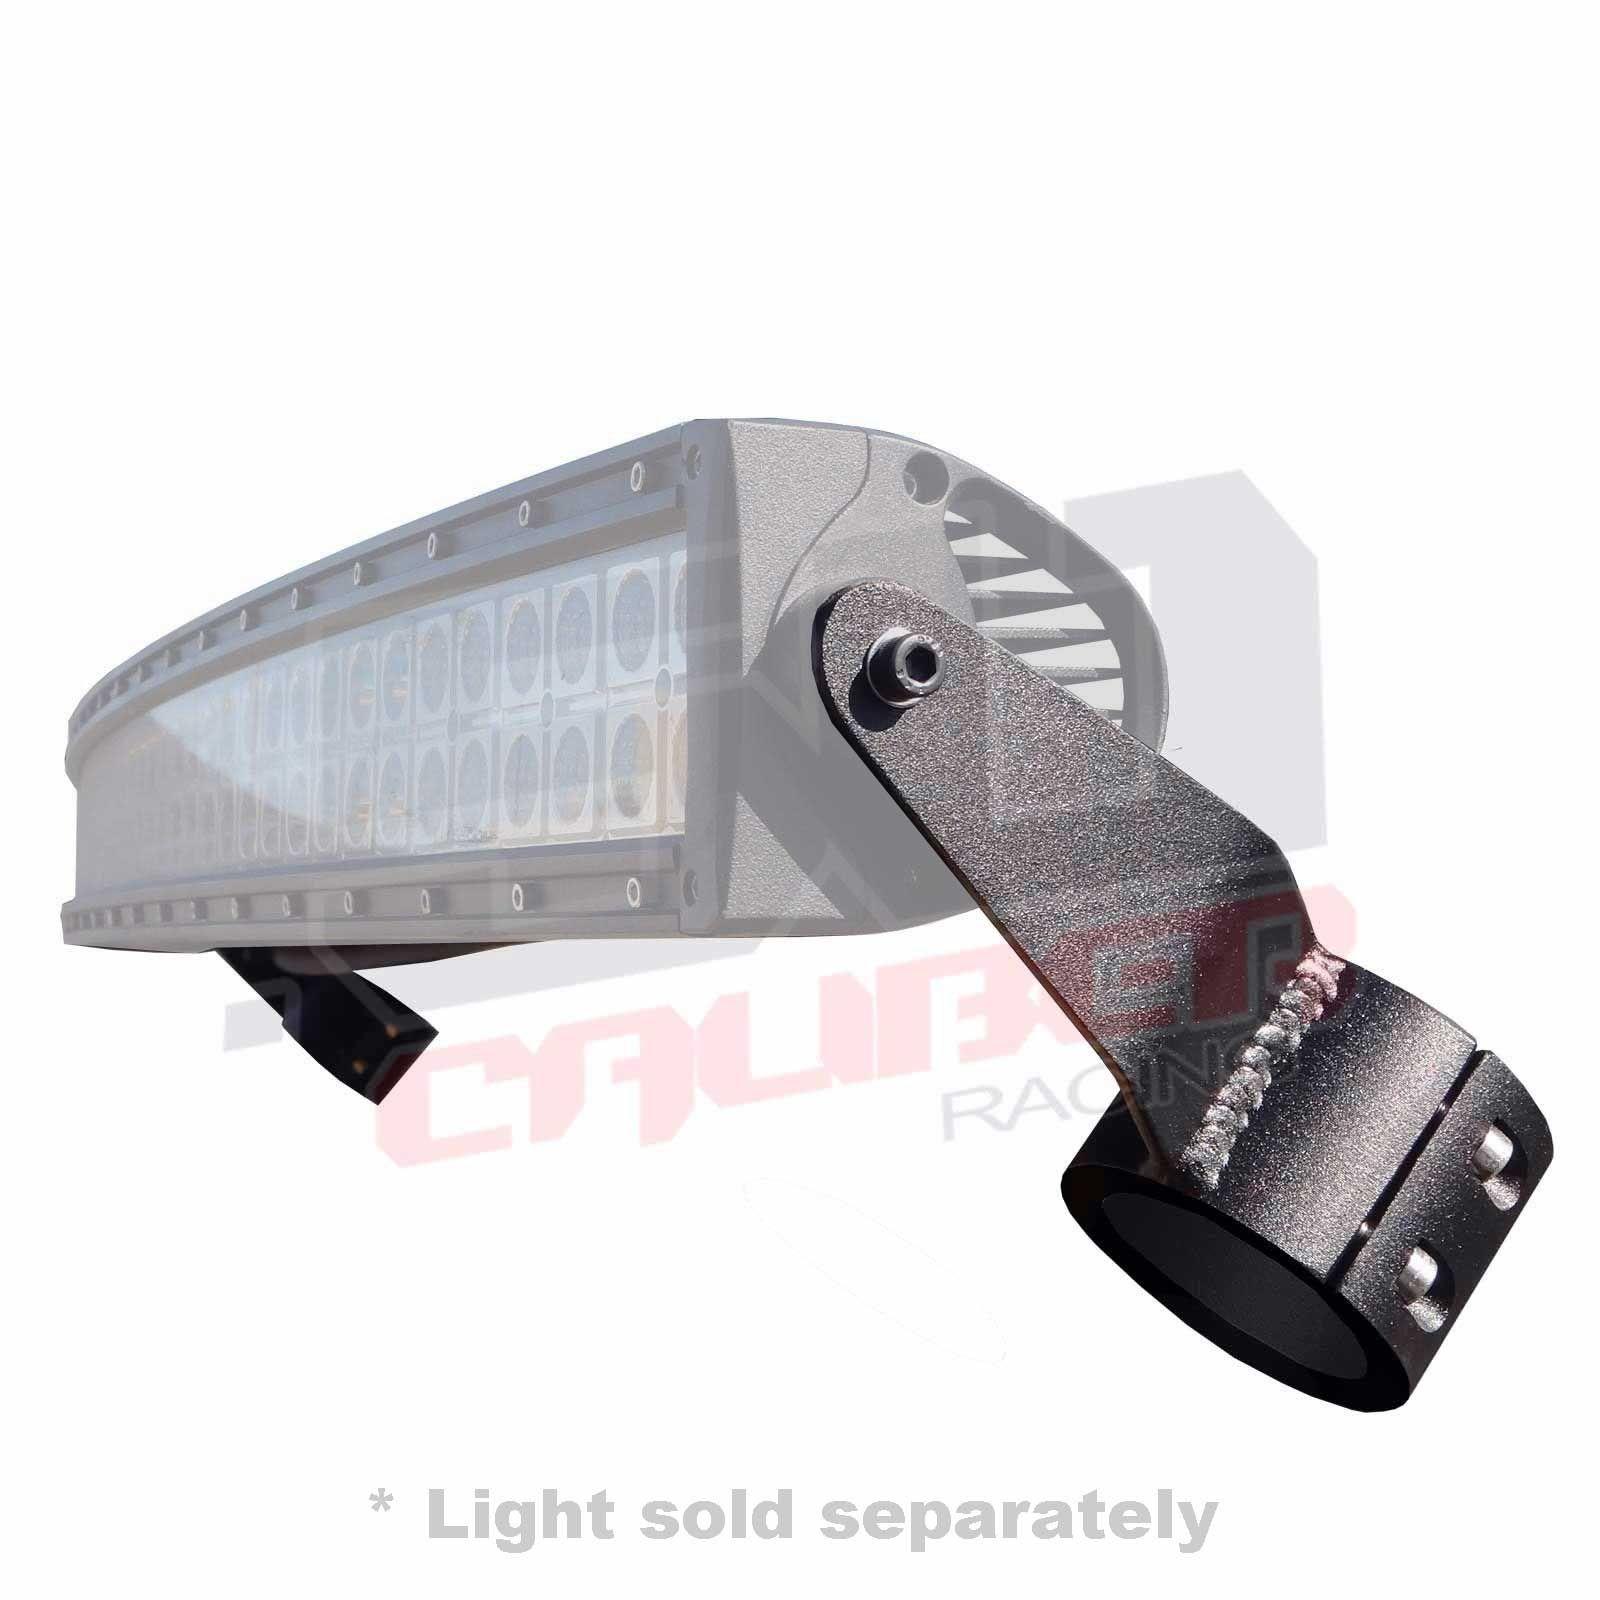 Clamp On Led Light Bar Brackets Polaris Rzr Xp1000 S 900